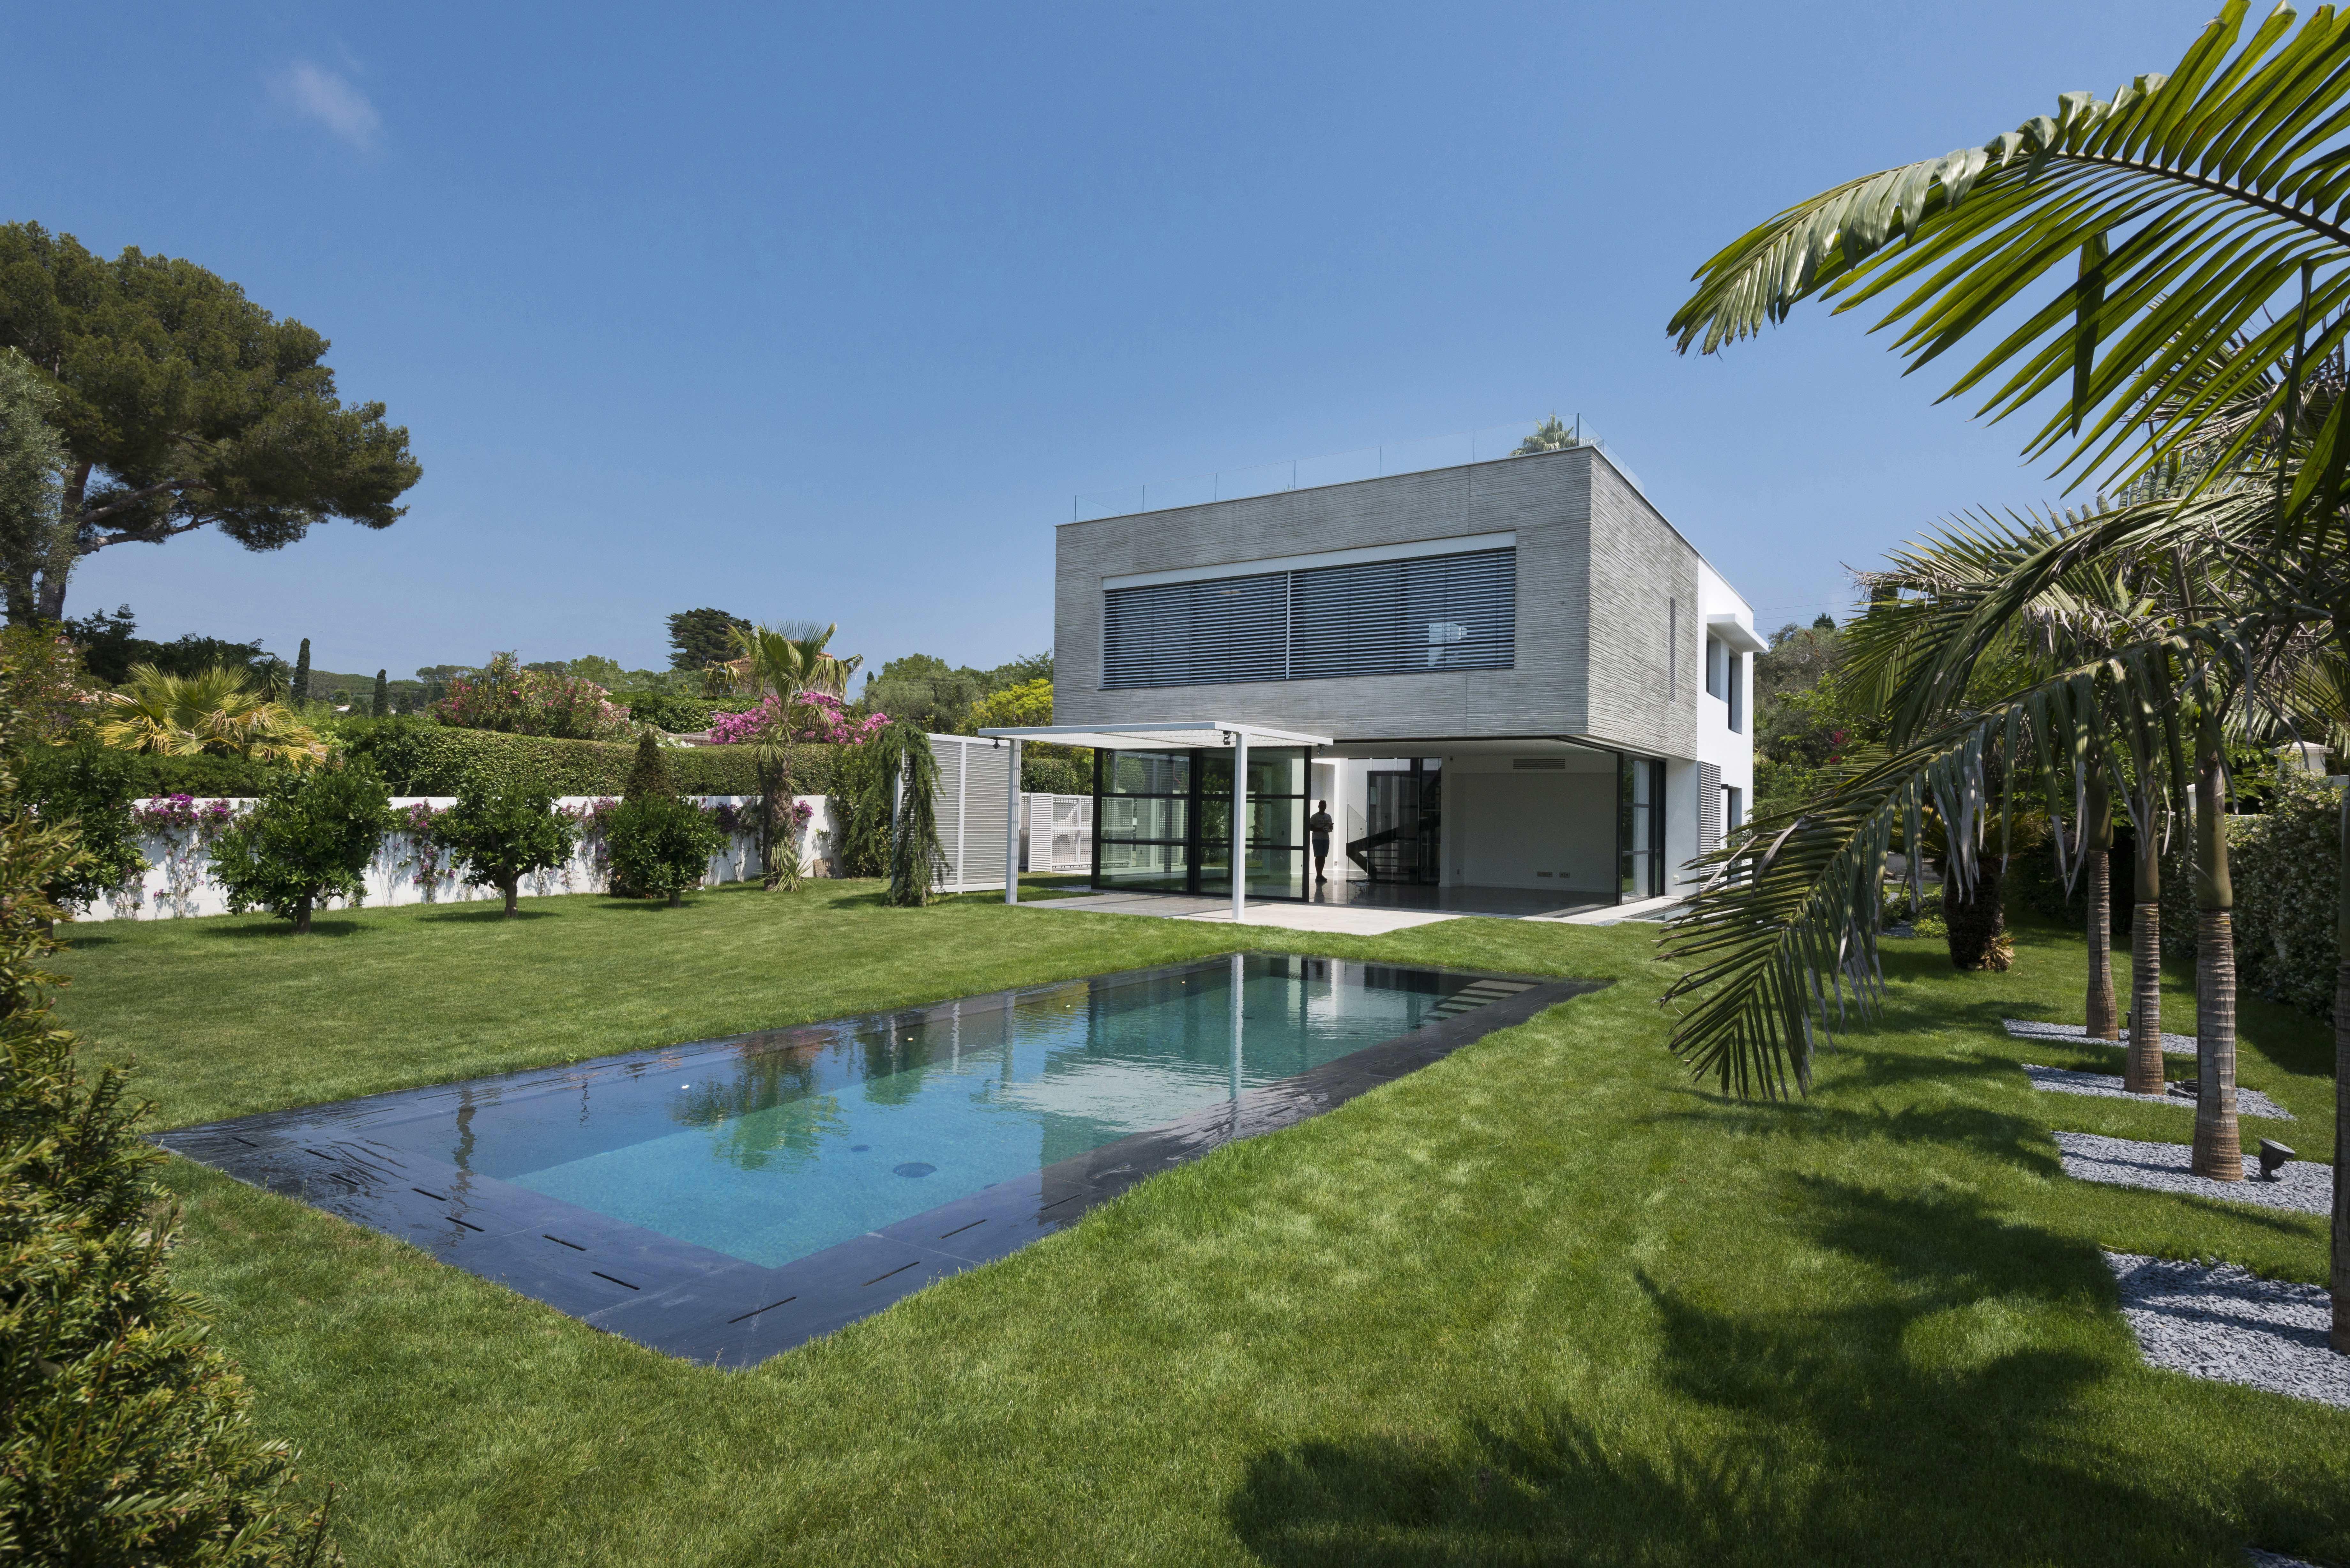 Hitta mäklare på Rivieran. Stor guide i HOOM med fastighetsmäklare och objekt.